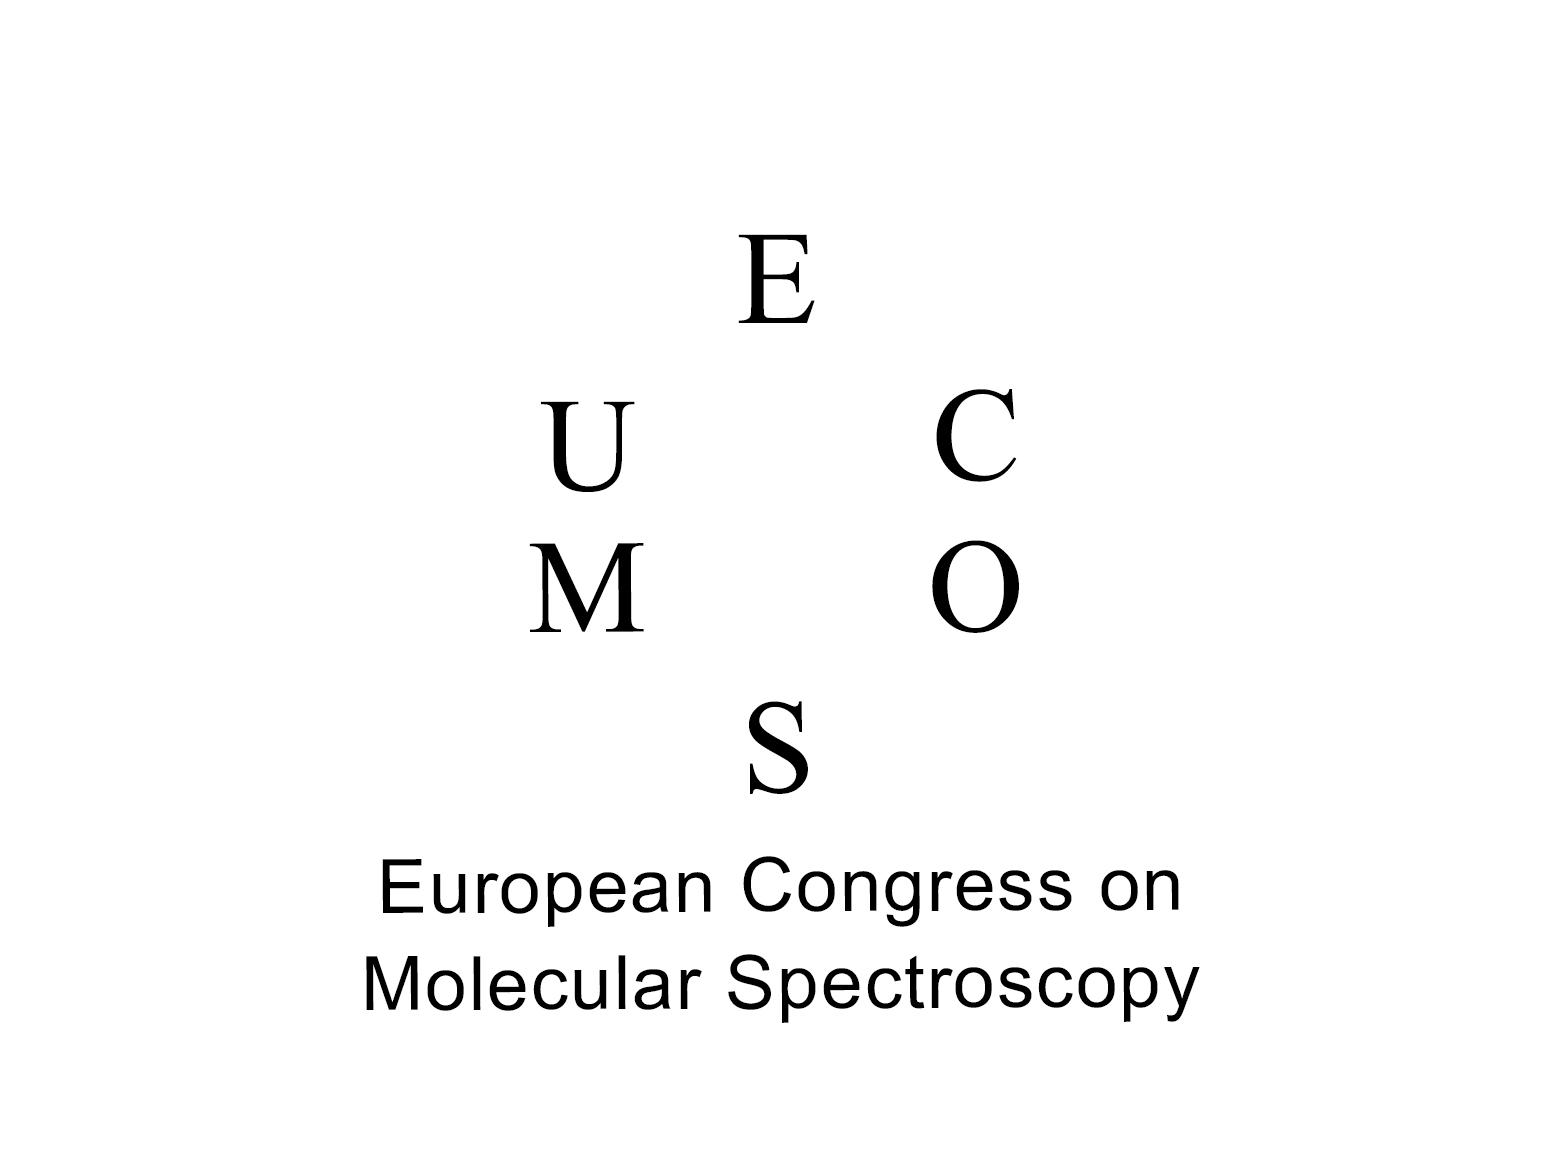 EUCMOS_Logo2.jpg